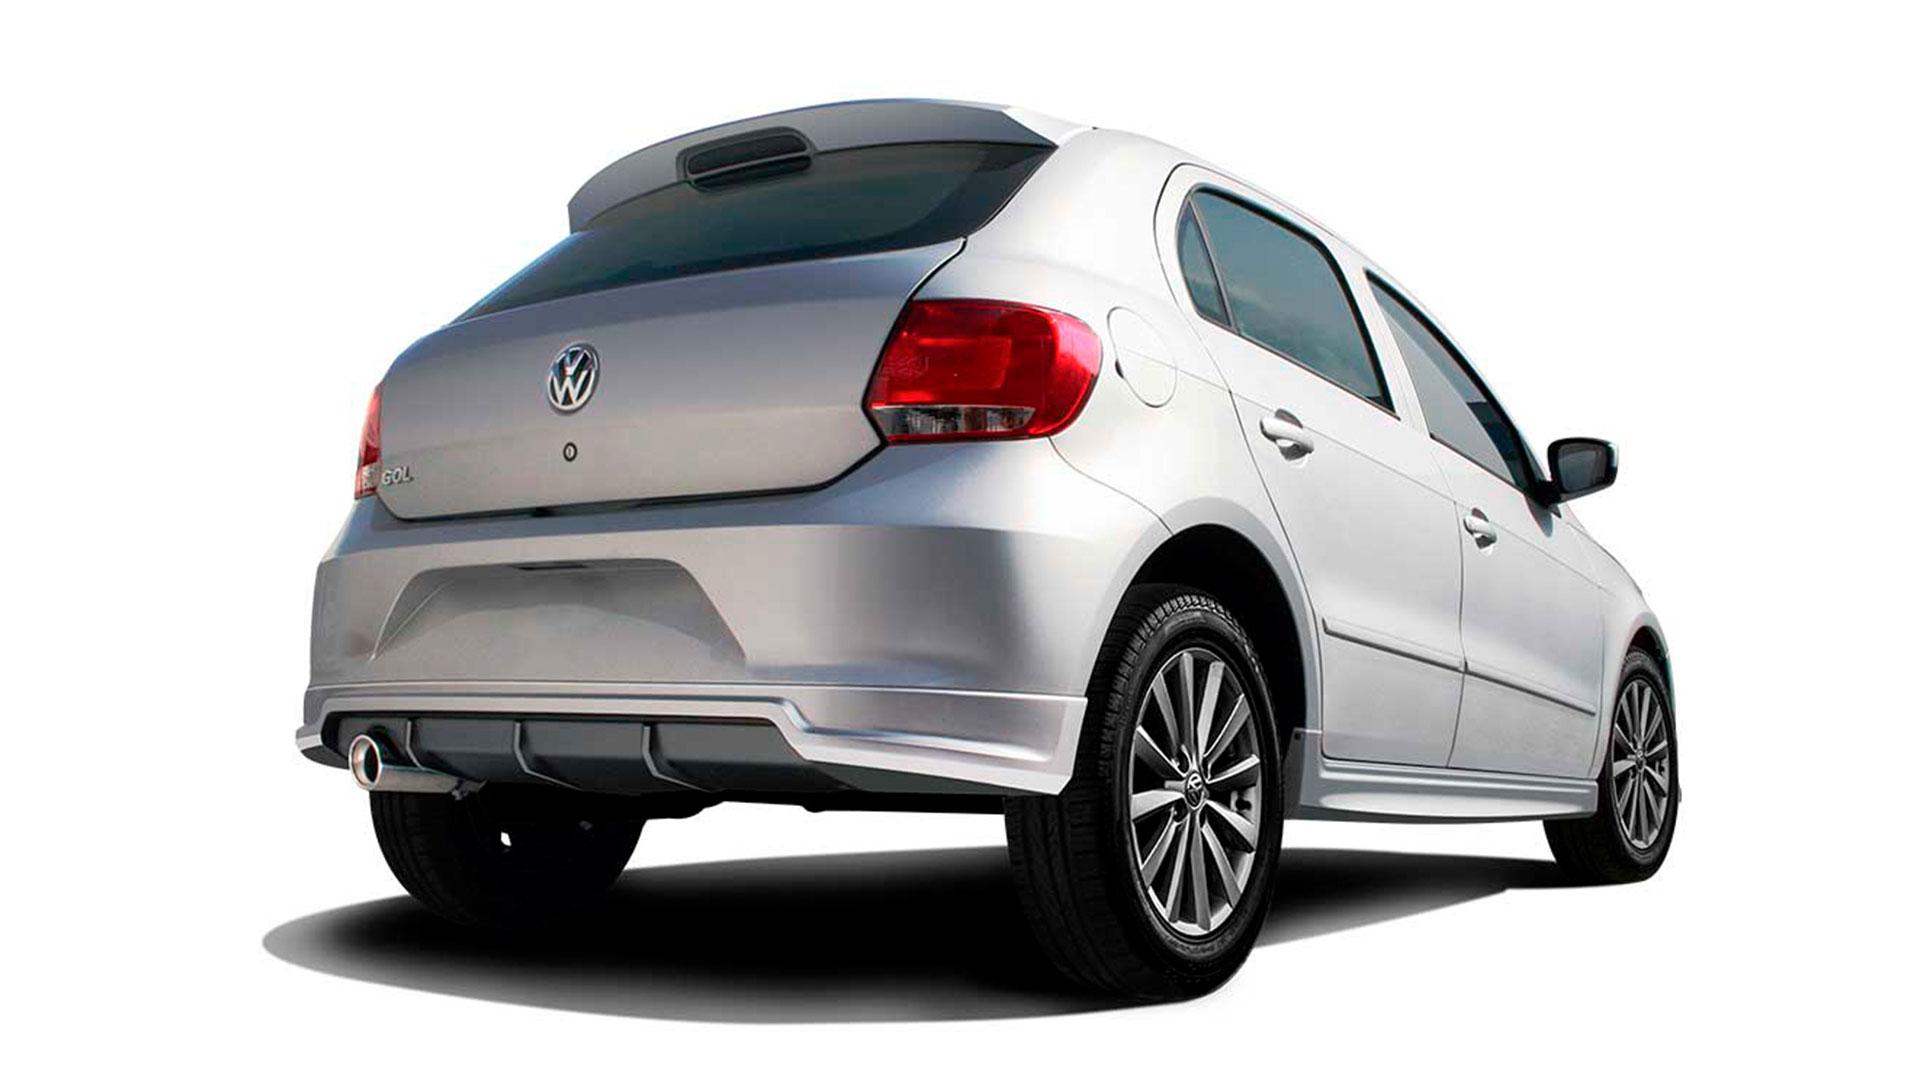 Body kit para Gol de Volkswagen disponible para varias versiones de modelos.